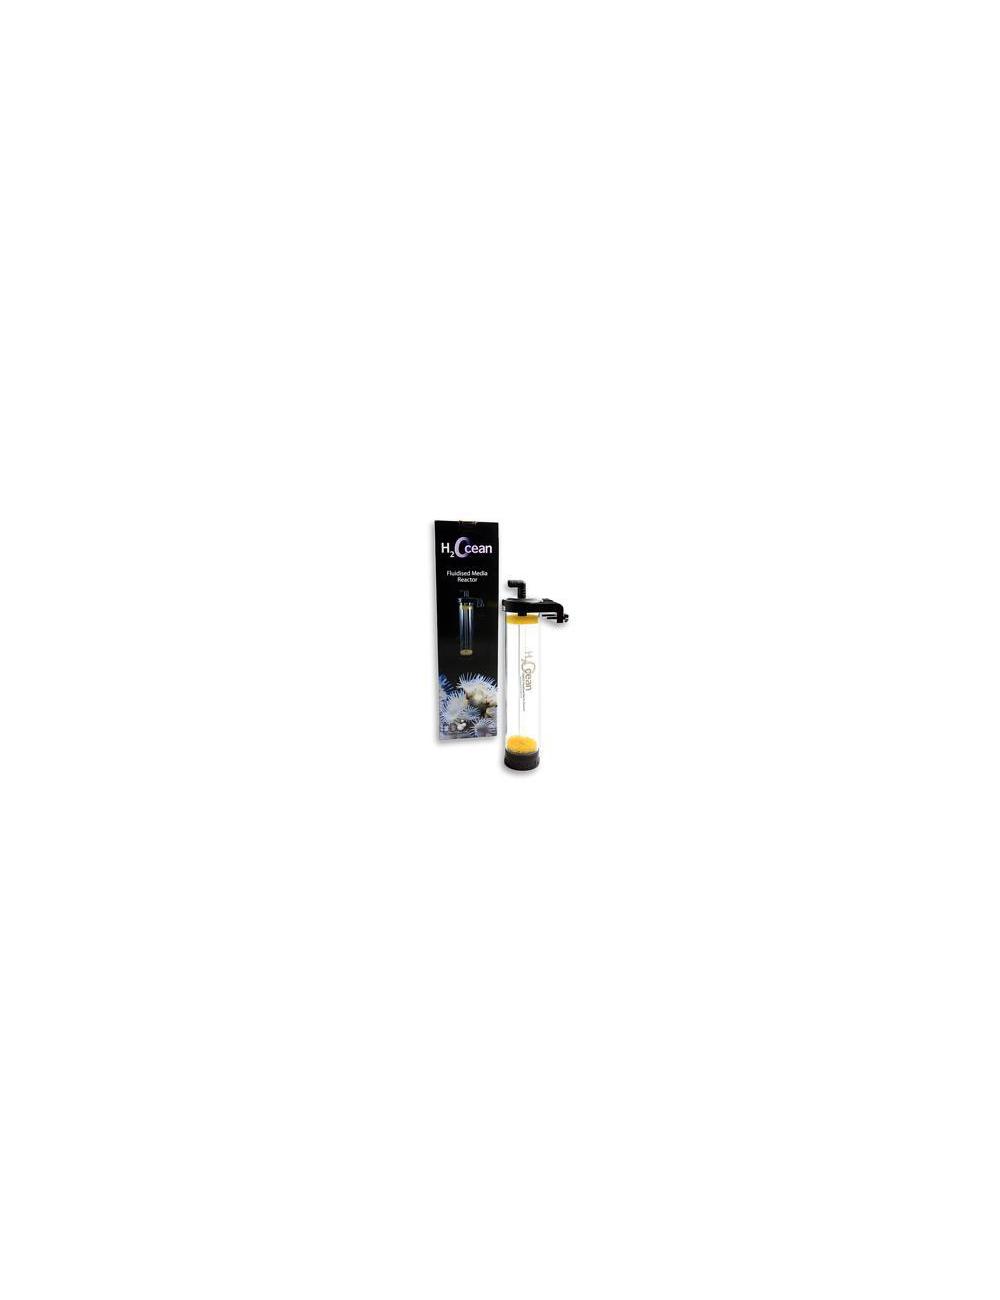 DD H2OCEAN - Filtre à lit Fluidisé FM R75